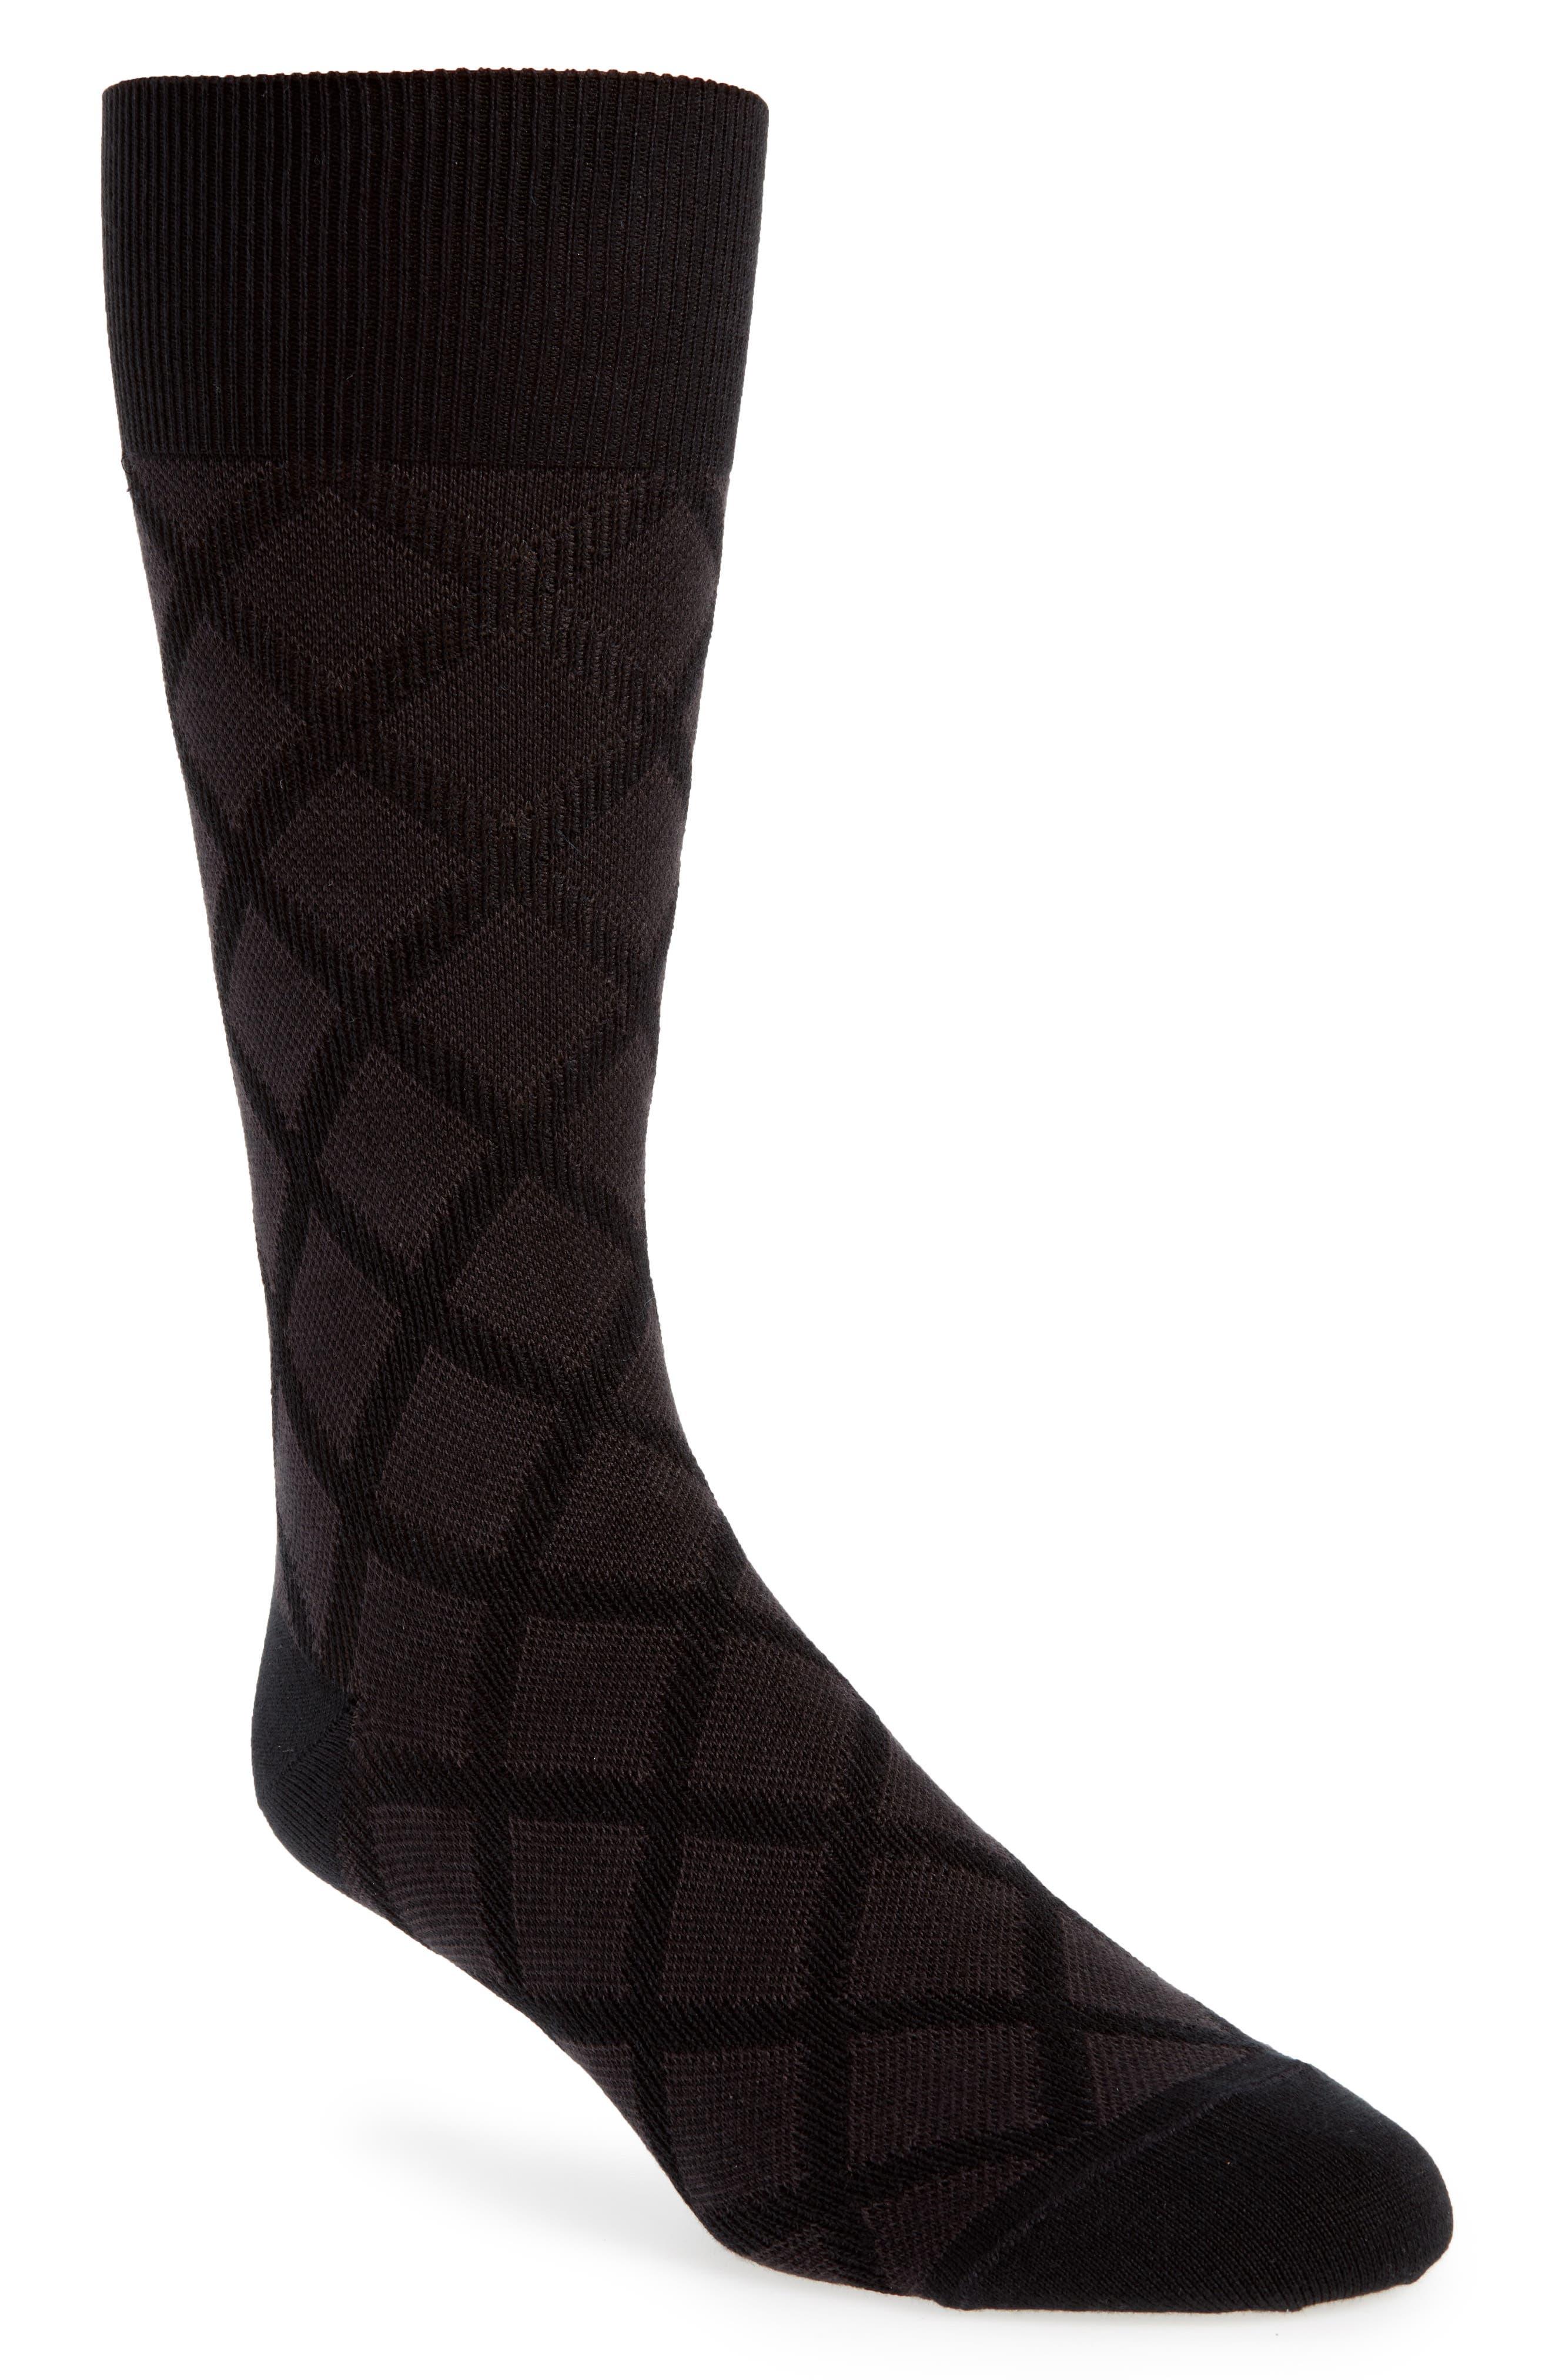 Diamond Grid Socks,                         Main,                         color, BLACK